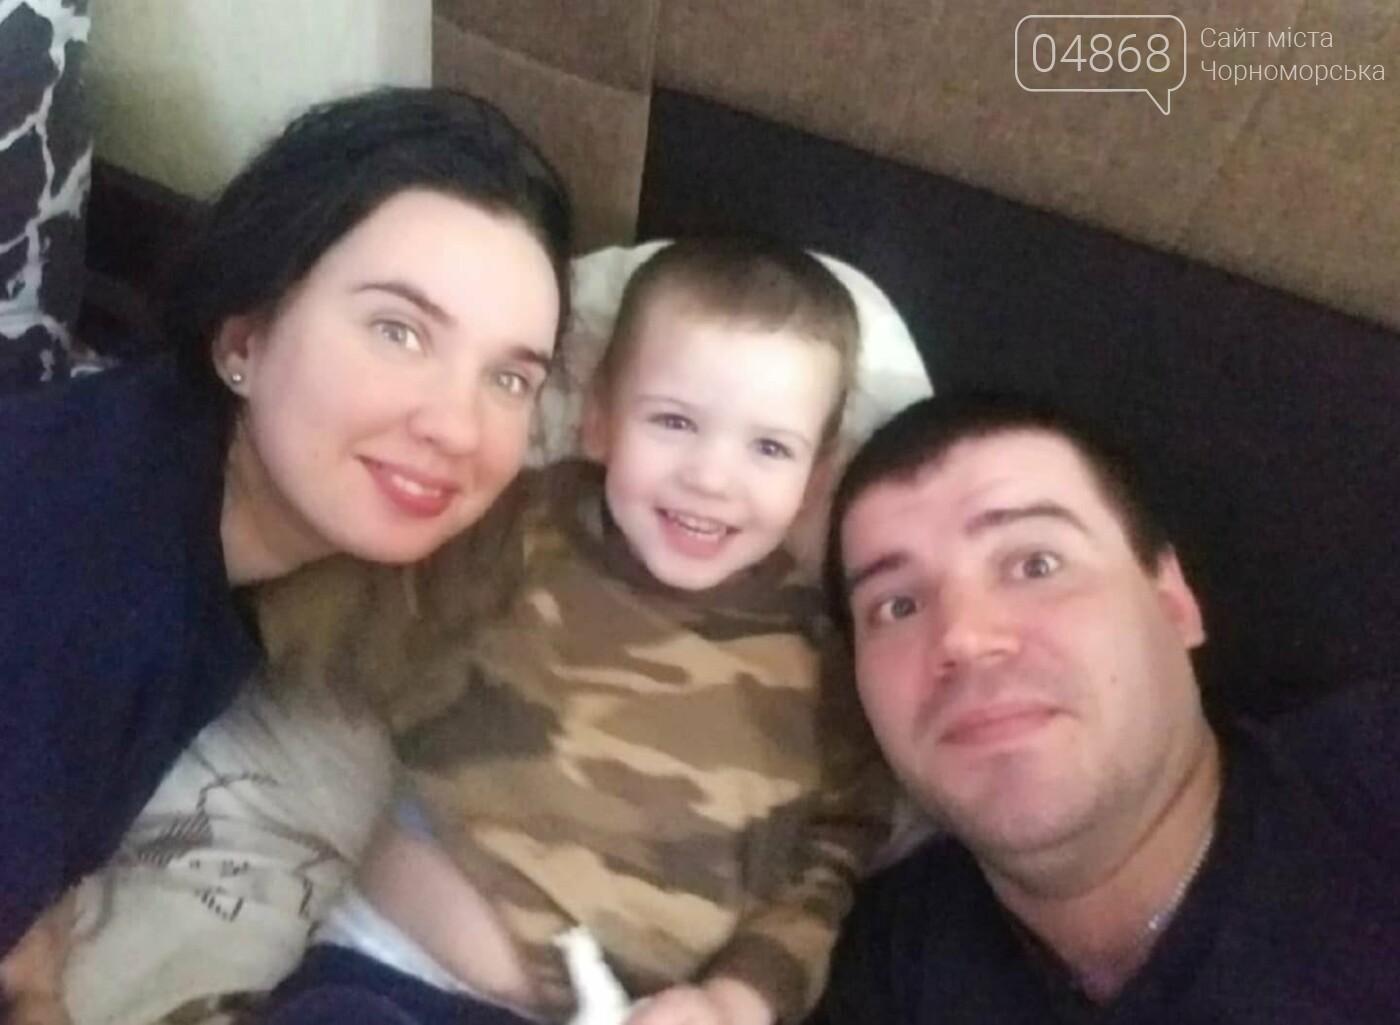 Гемангиобластома в области мозжечка: жительница Черноморска нуждается в срочной операции, фото-2